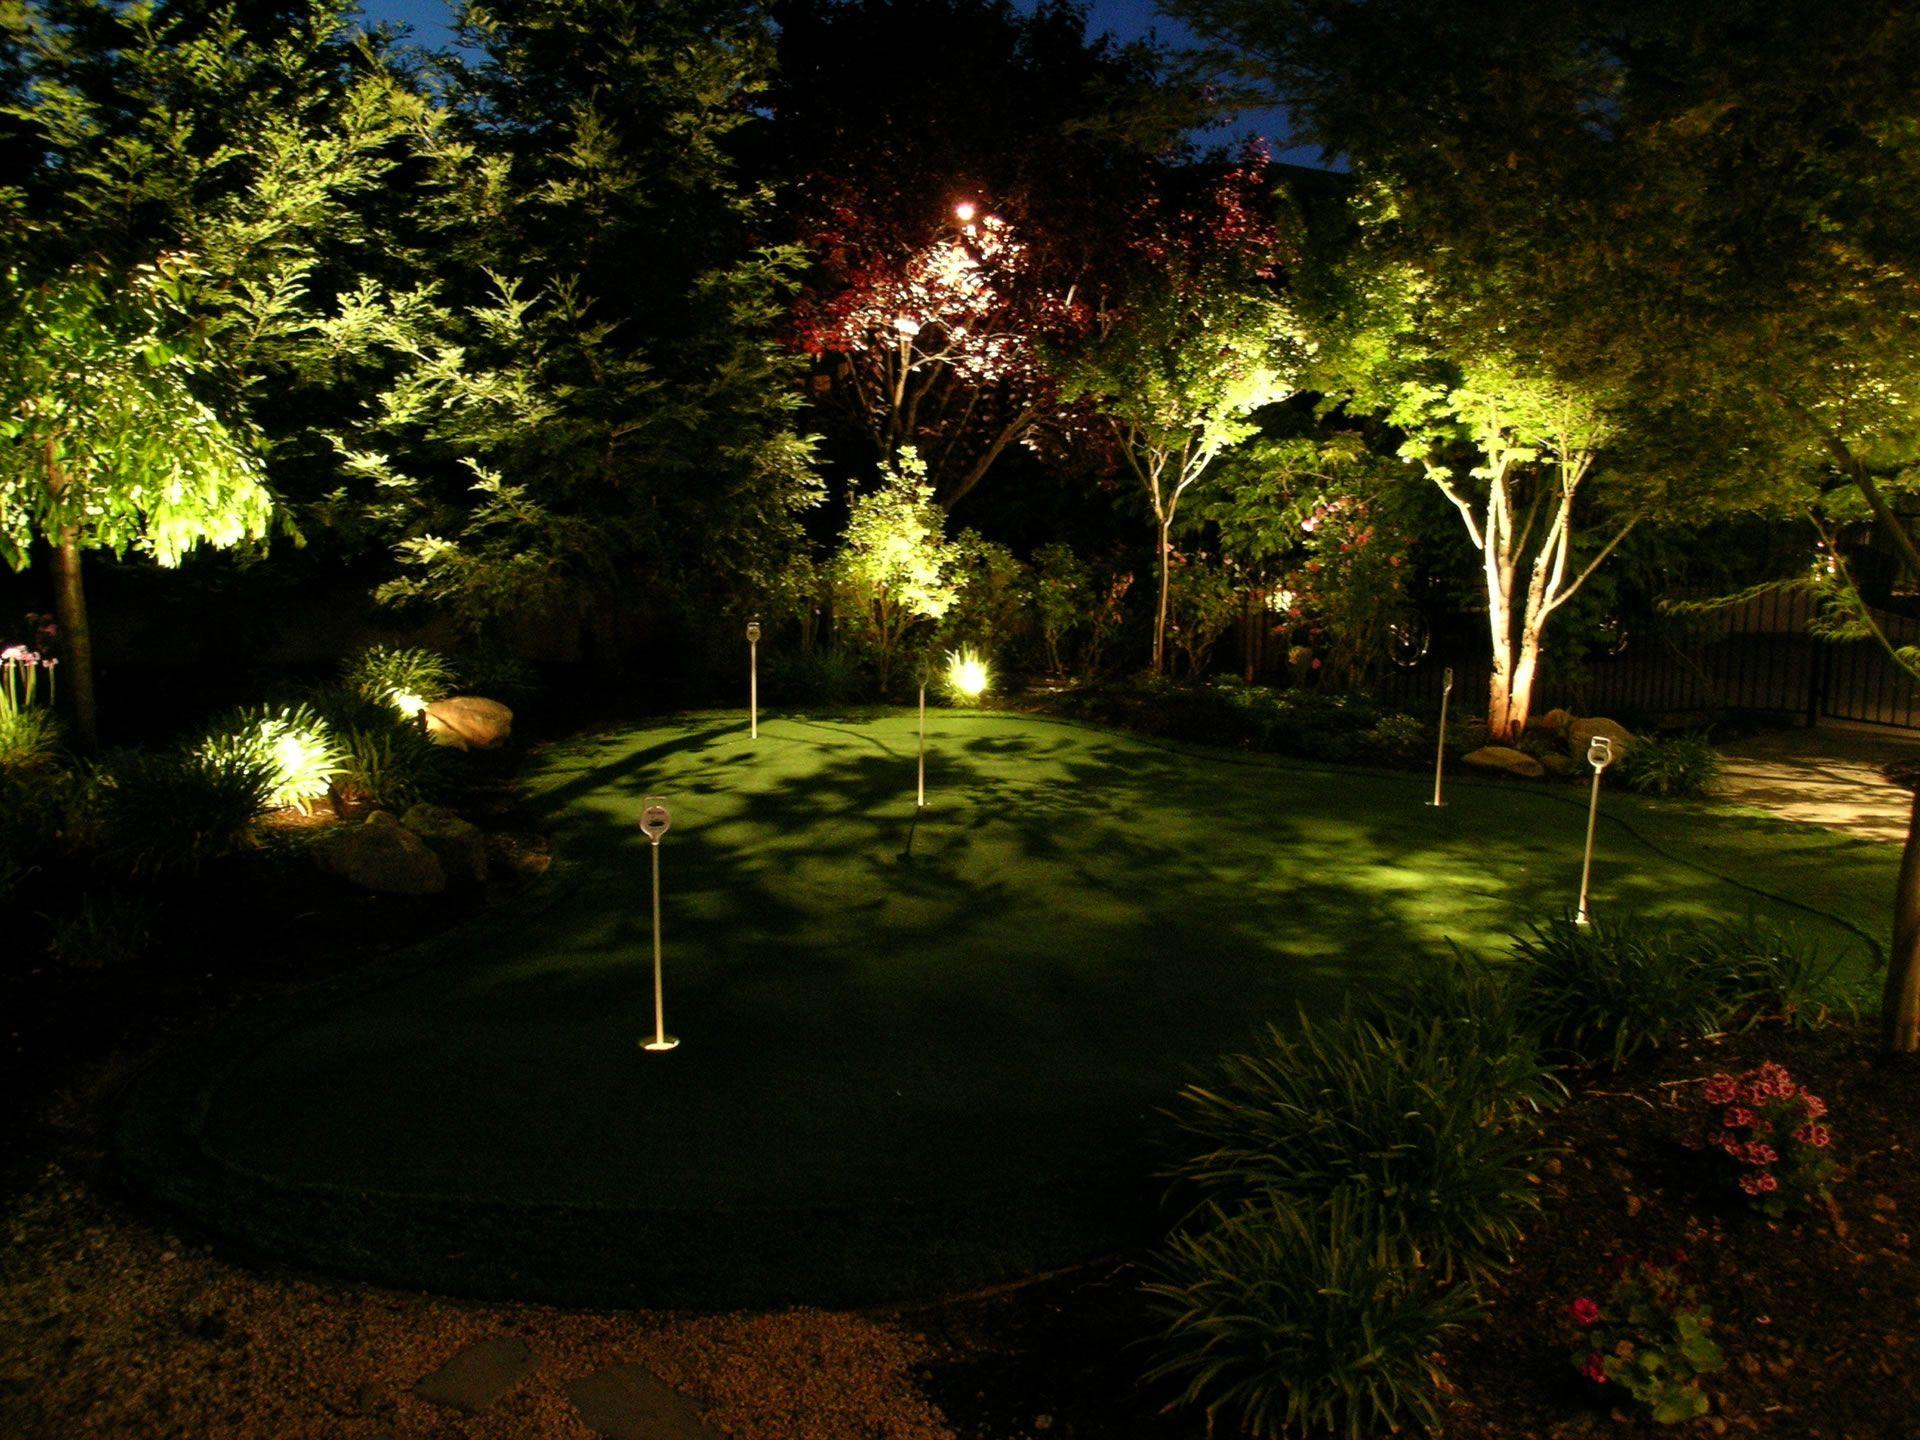 Danville Landscape Lighting Landscape Lighting Design Outdoor Landscape Lighting Landscape Lighting